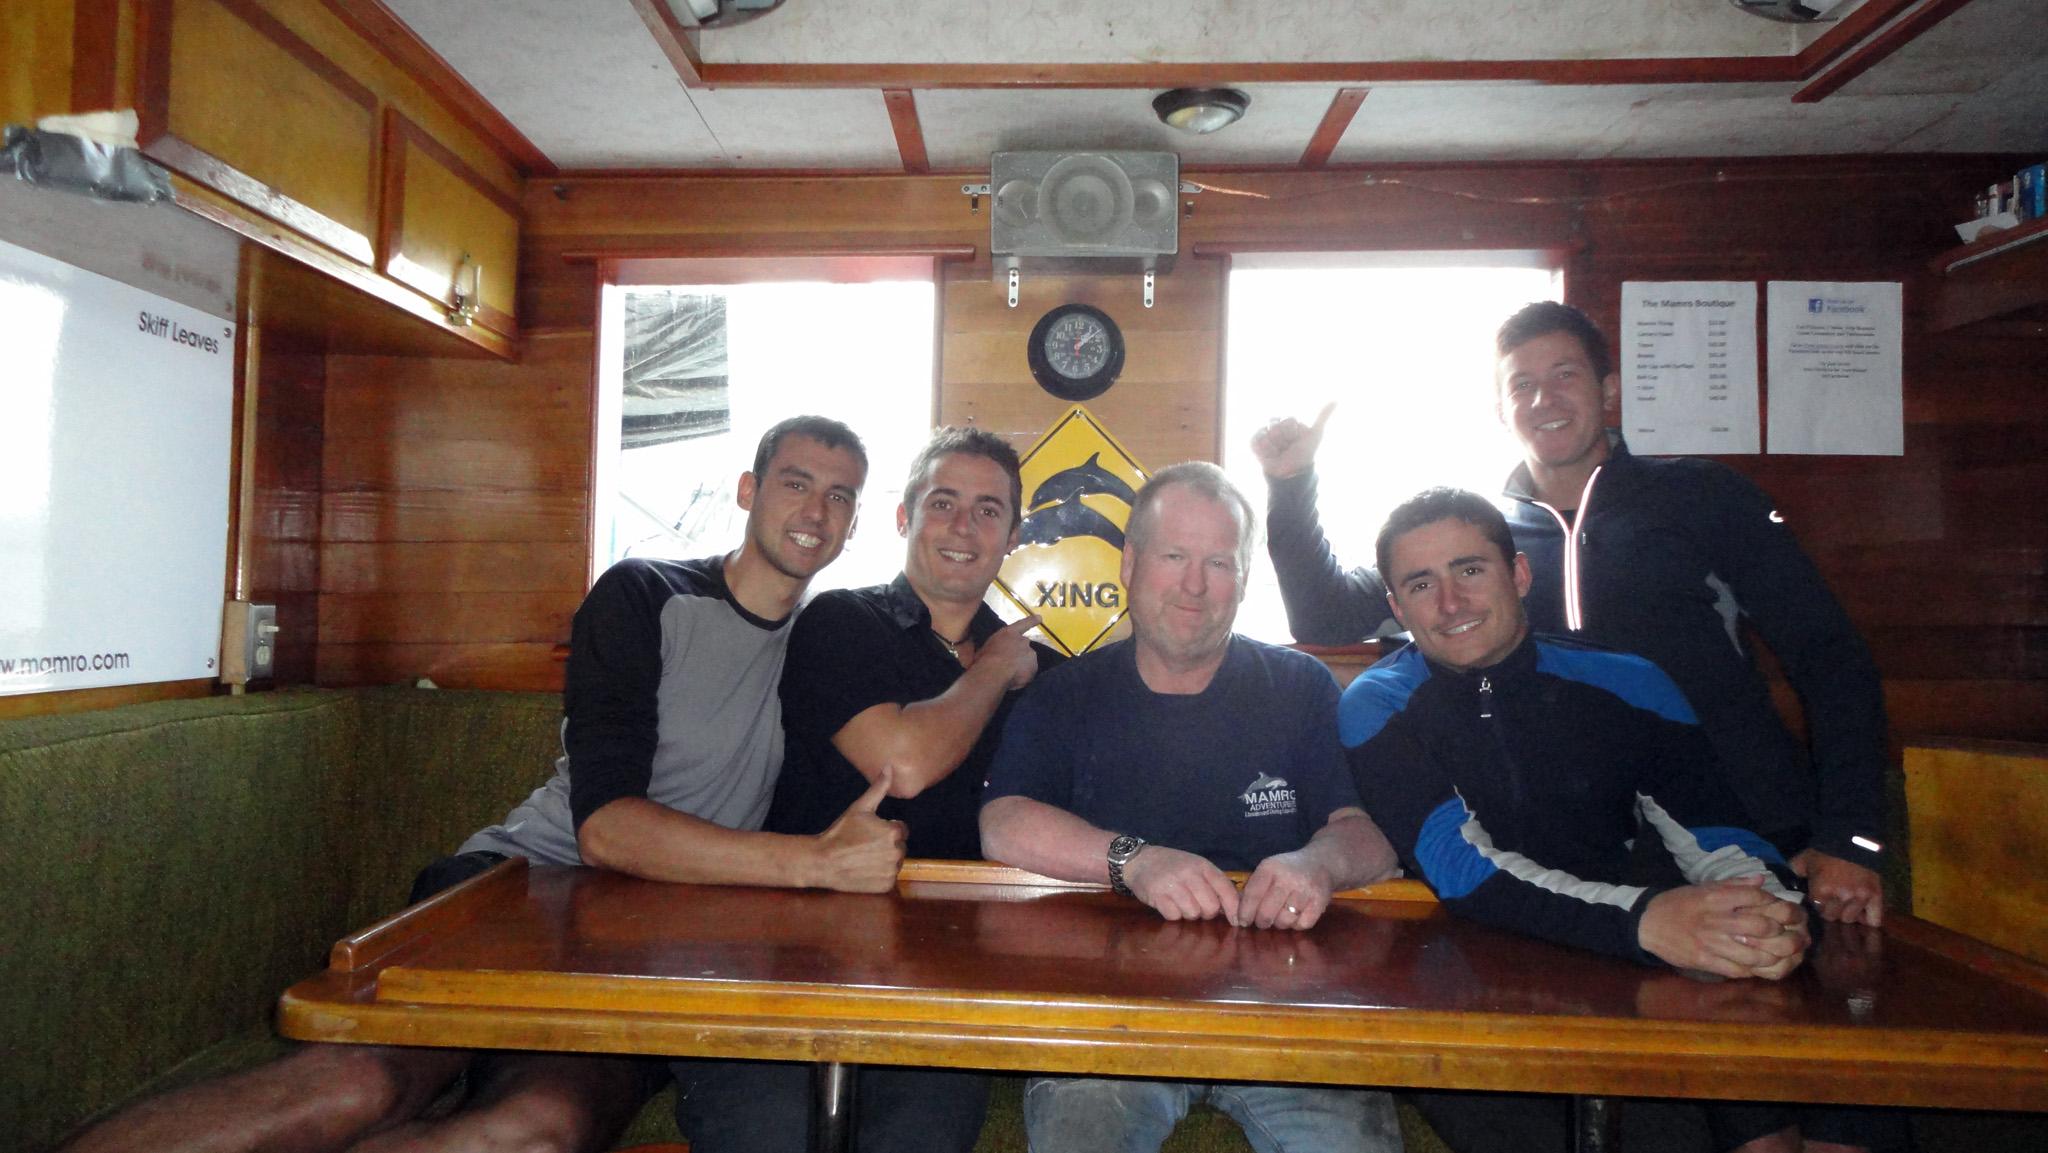 Dan, le propriétaire du Mamro Adventures, bateau qui offre des expéditions de plongée dans cette région, nous embarque depuis Port Hardy sur l'île Vancouver pour rejoindre le continent à Prince Rupert. Il nous évite ainsi le ferry à 200$/pers. Nous passons 5 jours incroyables à contempler les paysages magnifiques de cette partie de la côte Pacifique du Canada.